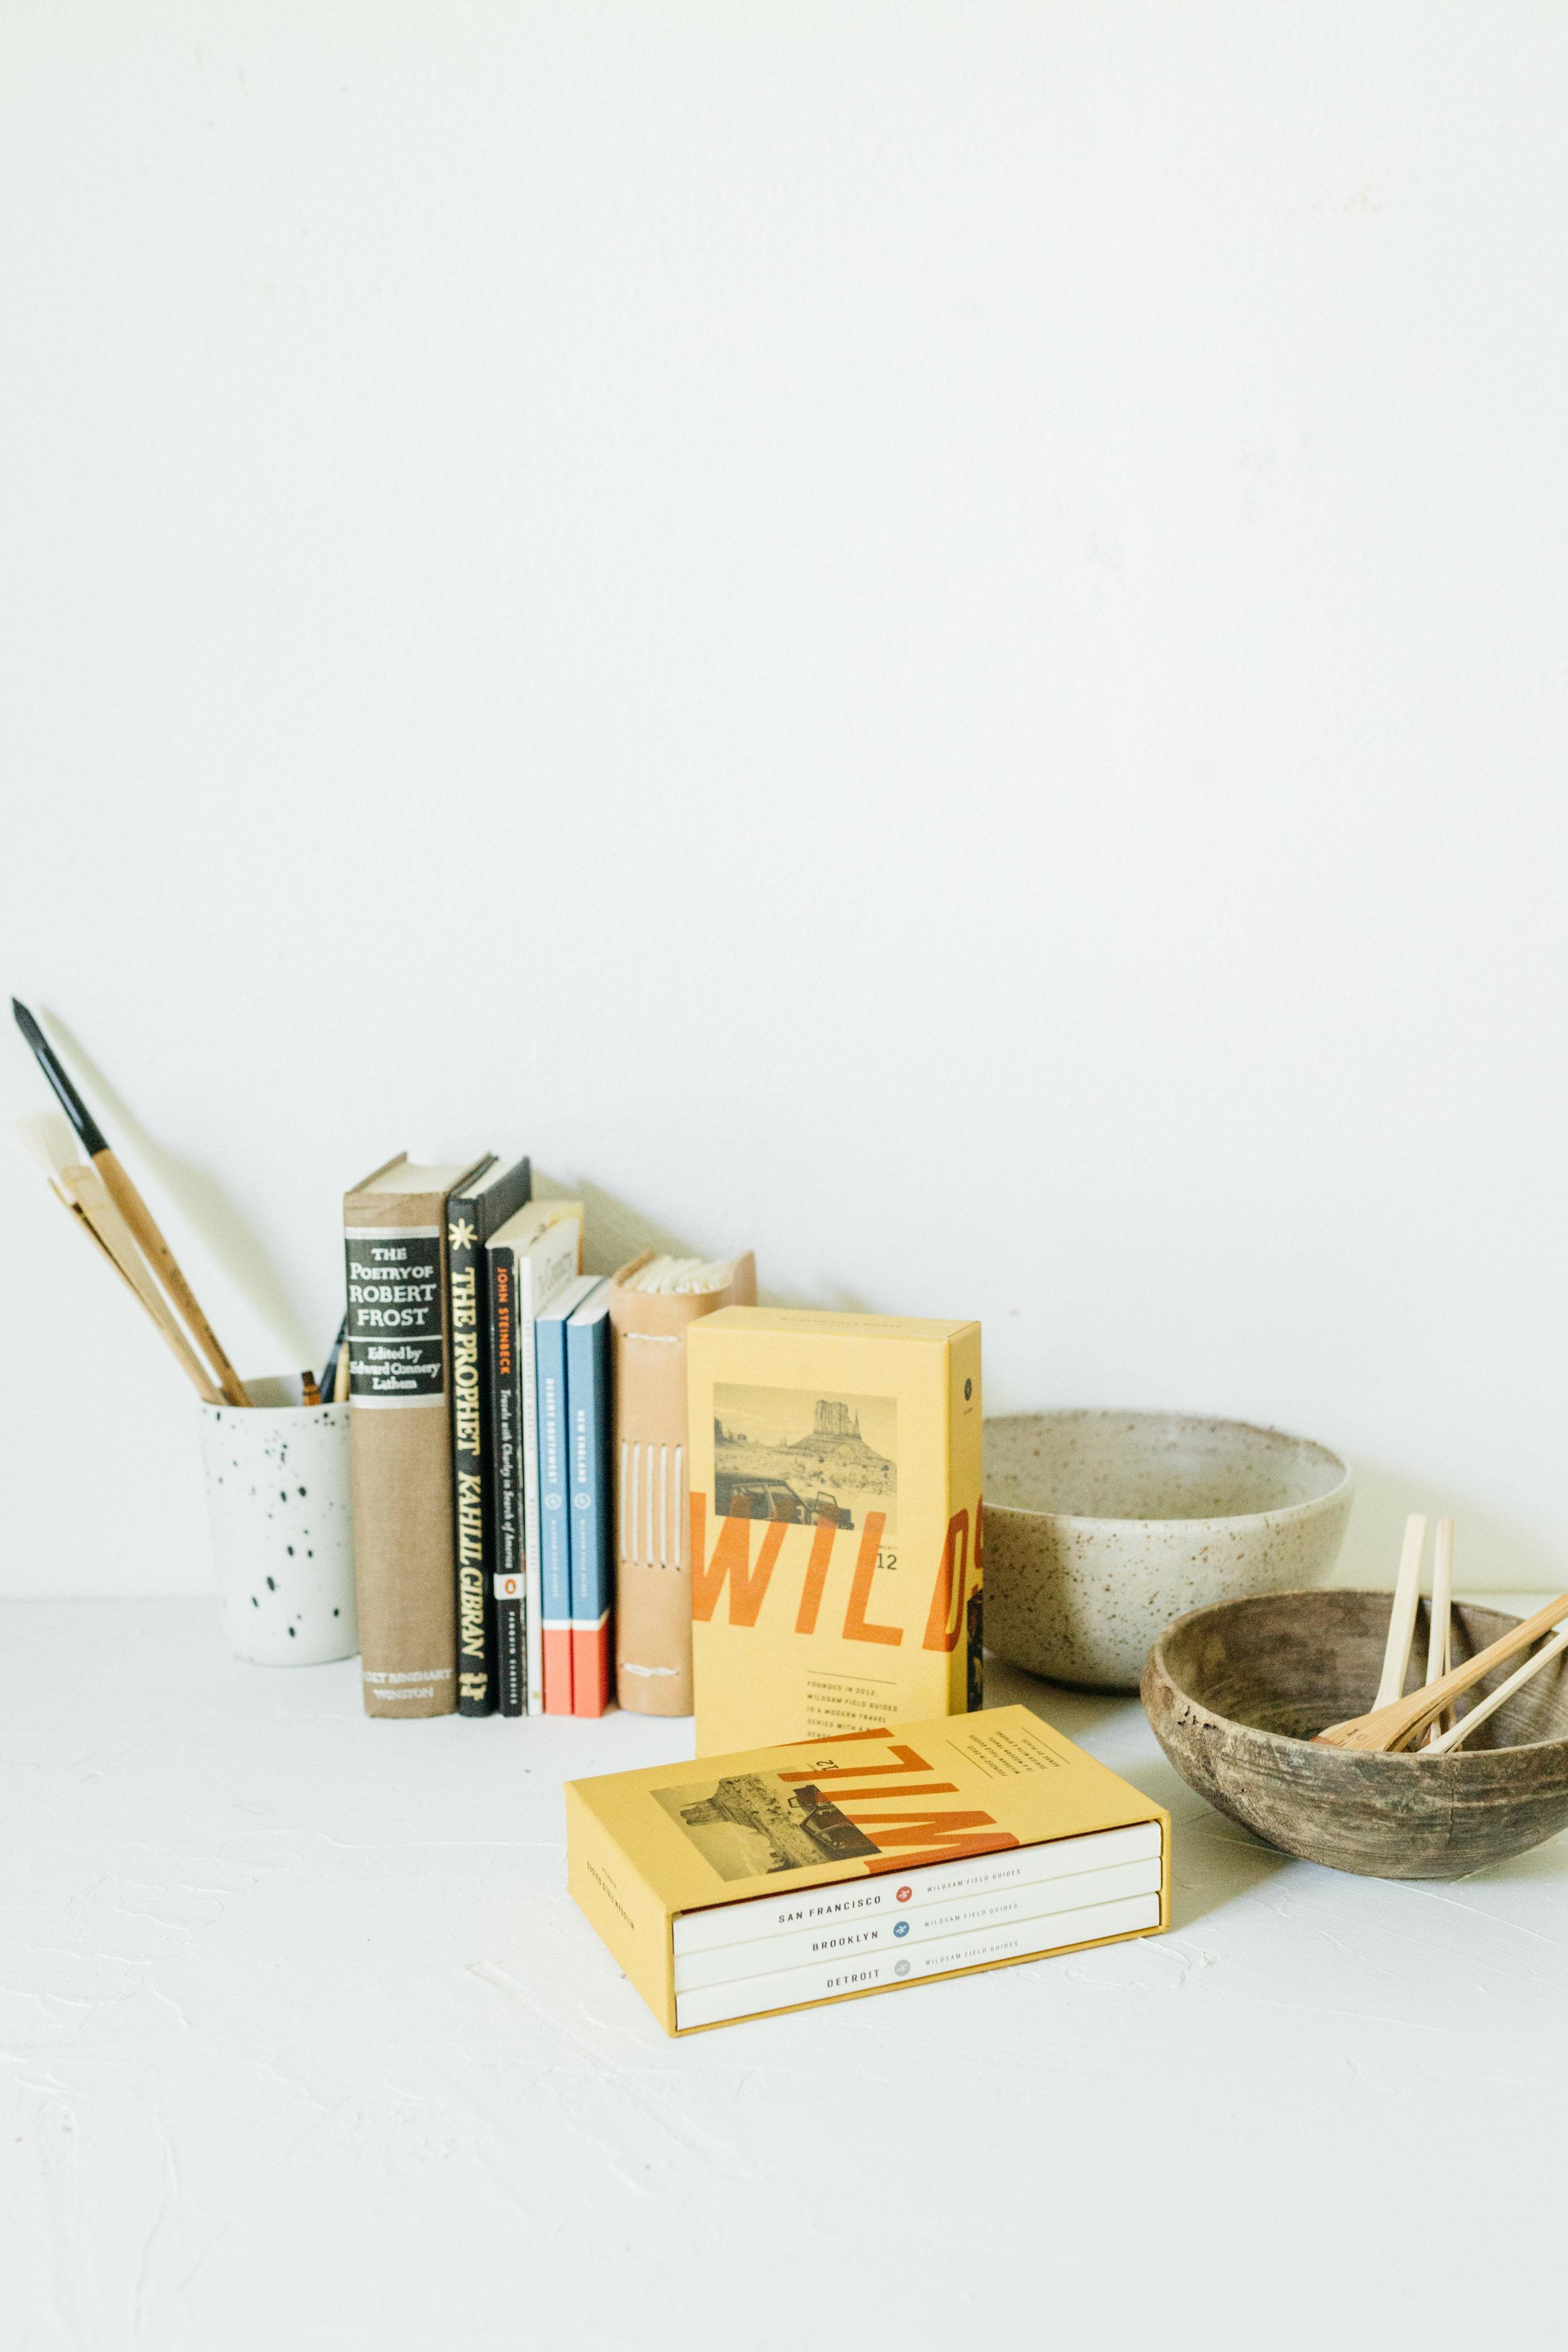 wildsam-box-set-of-three